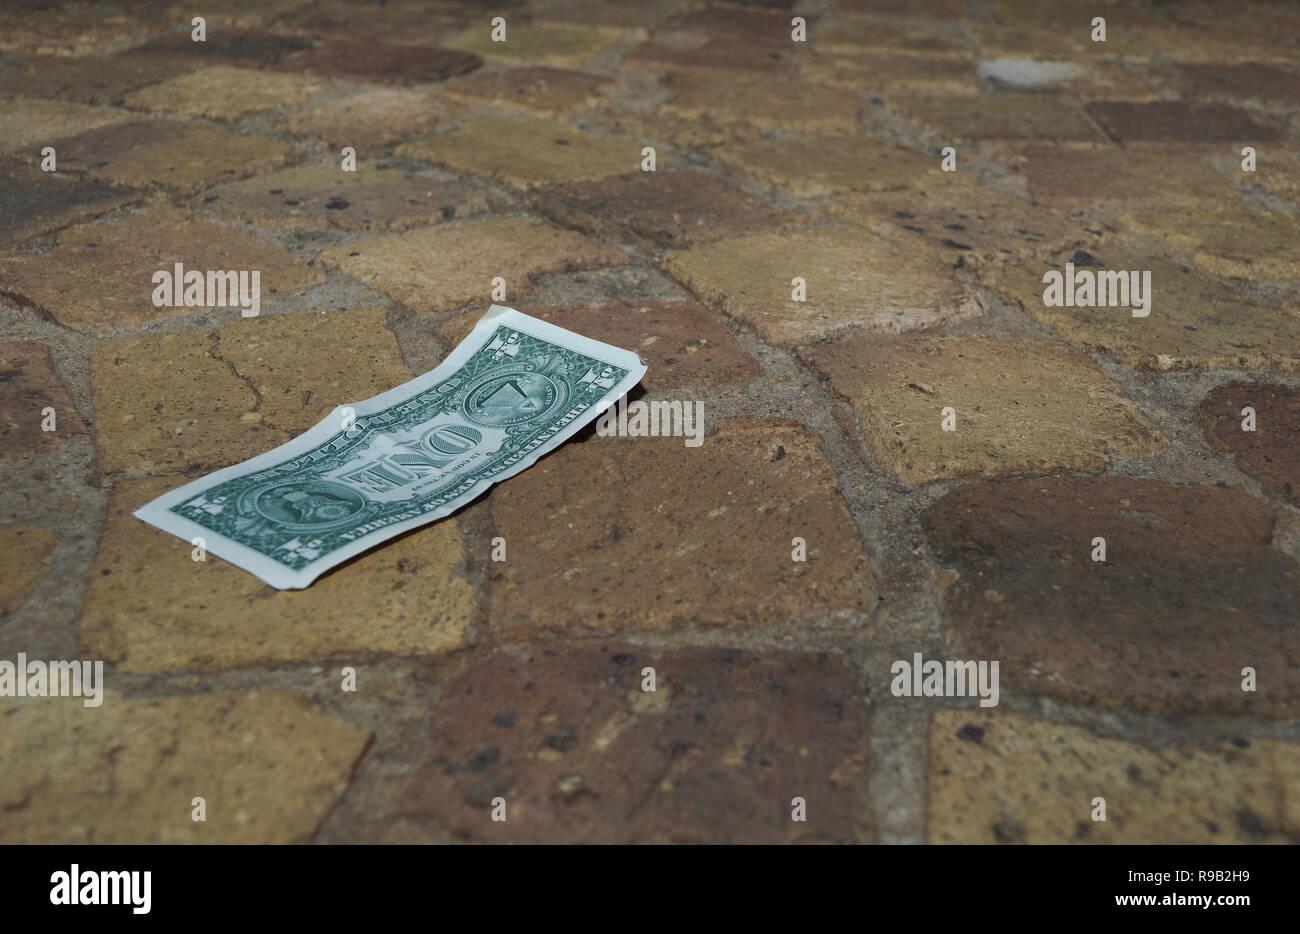 Fußboden Aus Geld ~ Geld auf dem boden stockfotos geld auf dem boden bilder alamy